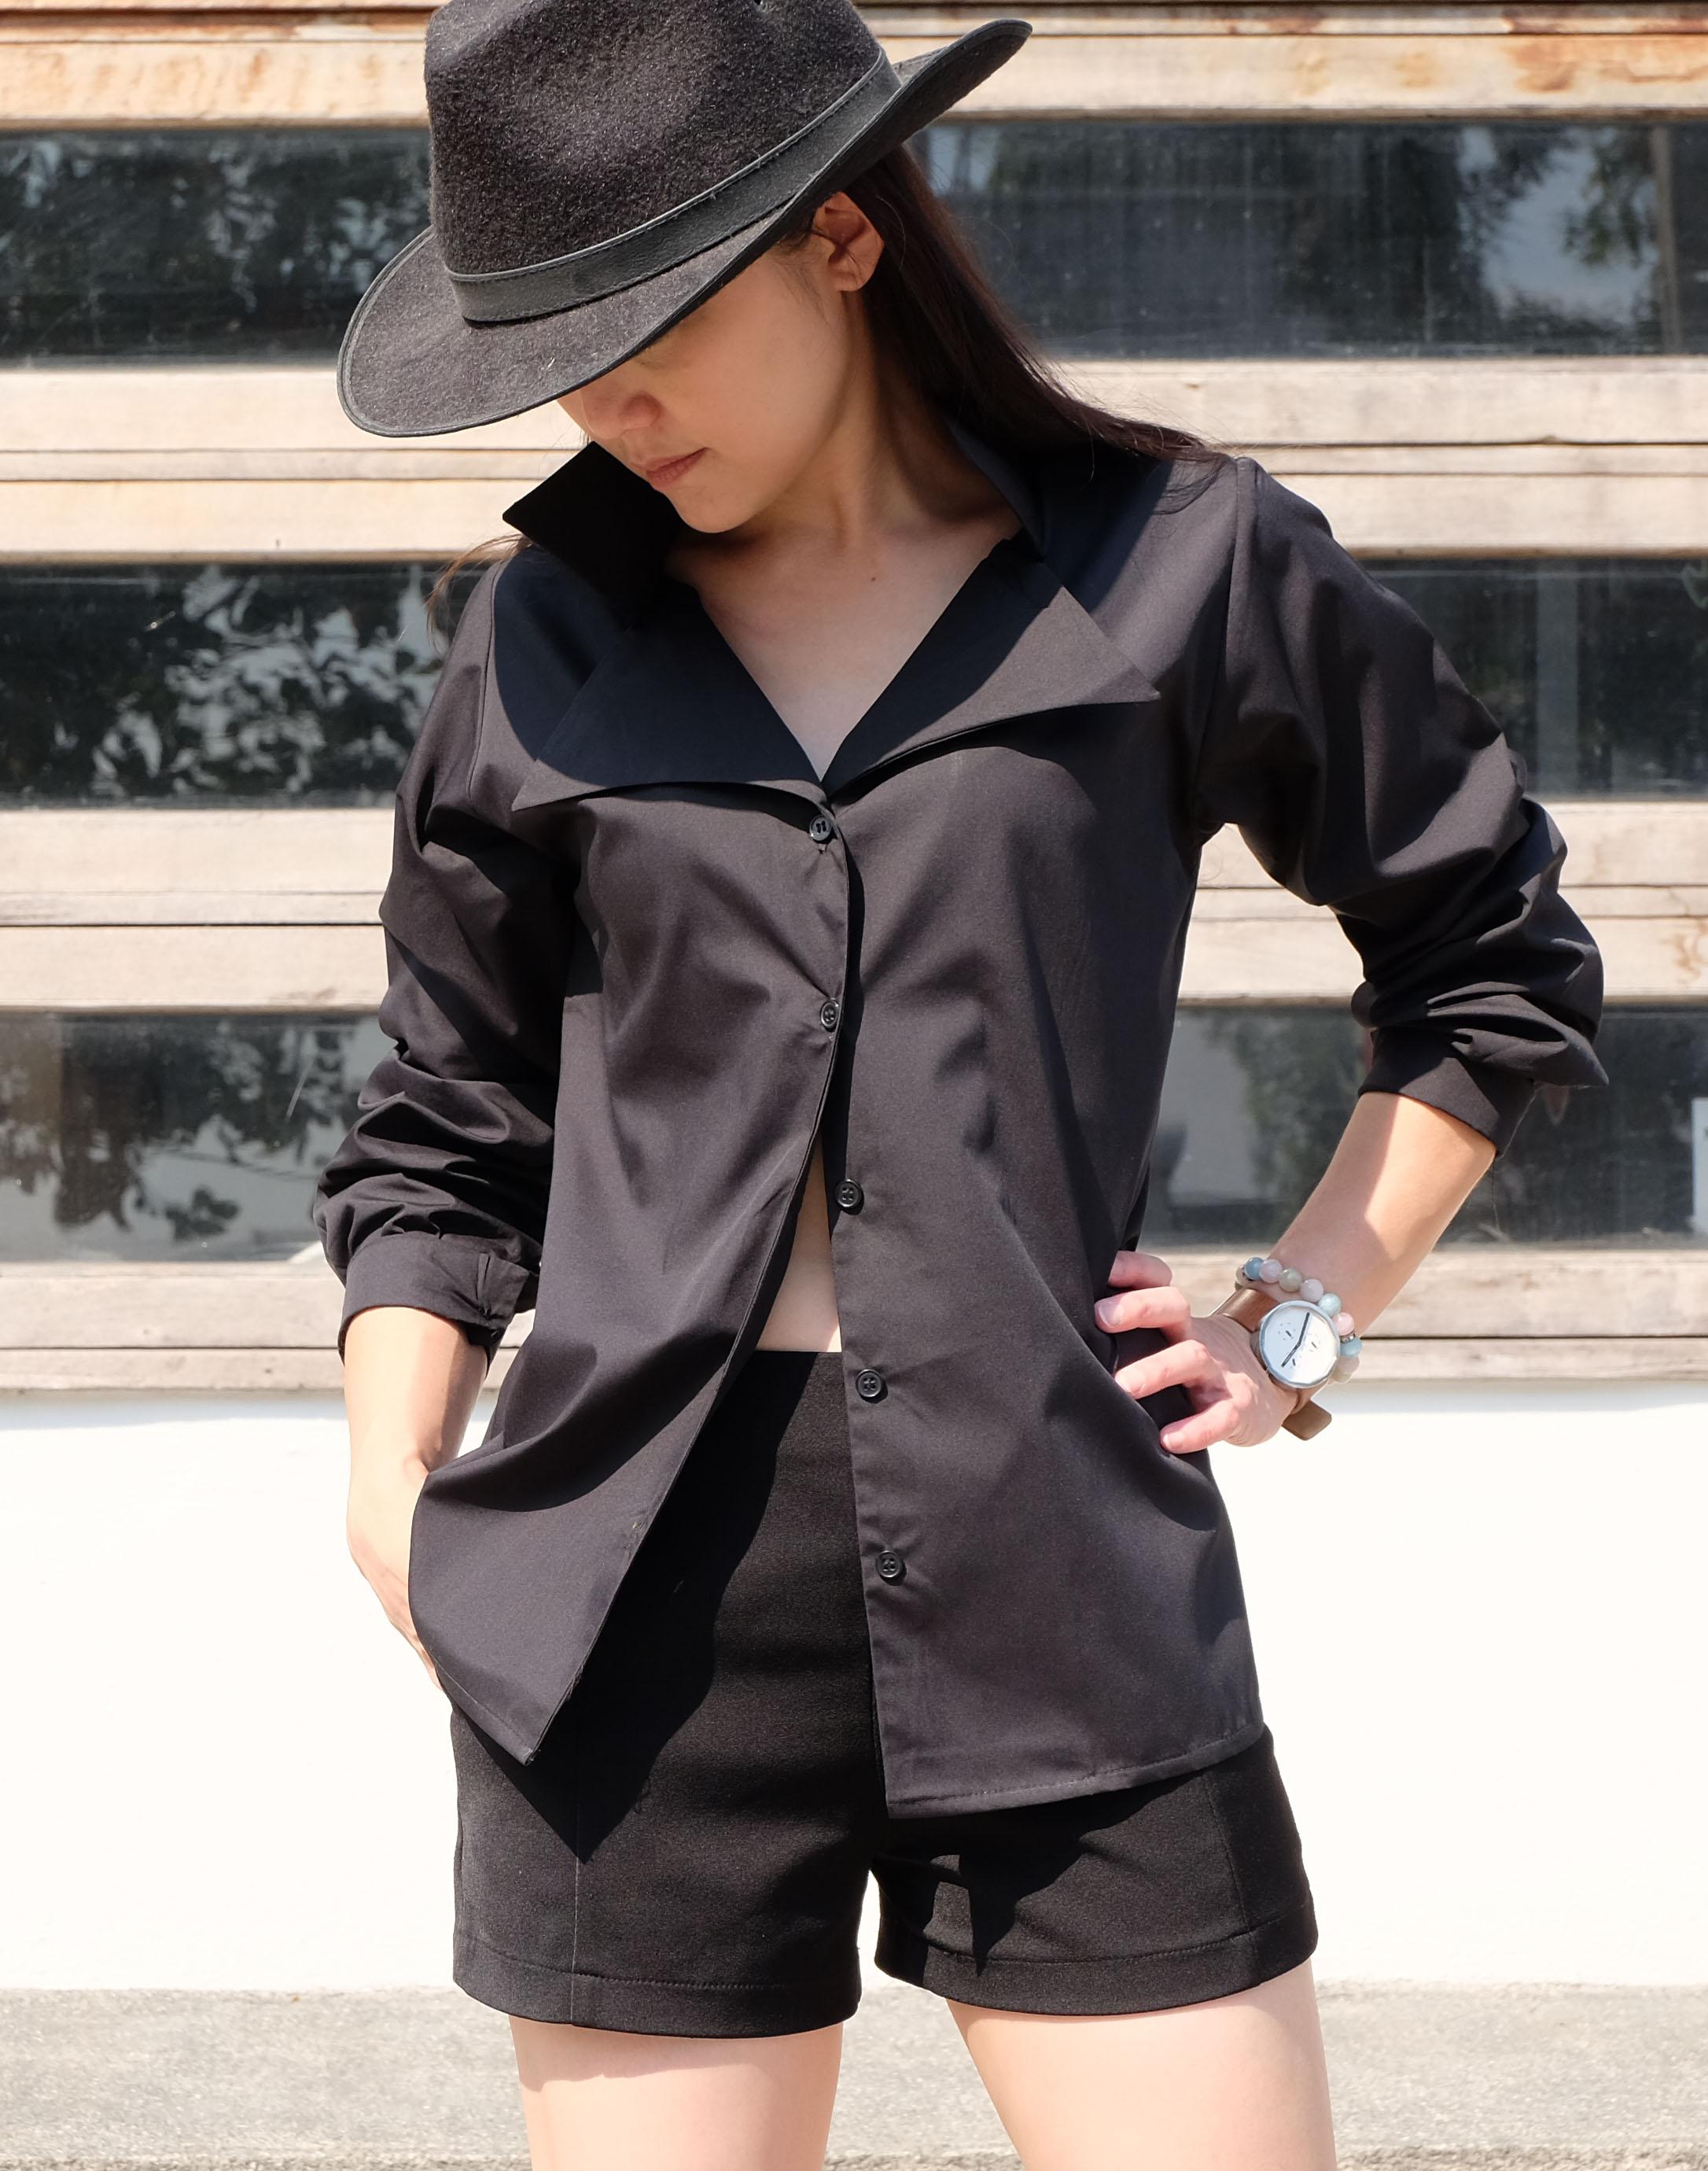 เสื้อเชิ้ตปกเชิ้ต แขนยาว สีดำ Size XL